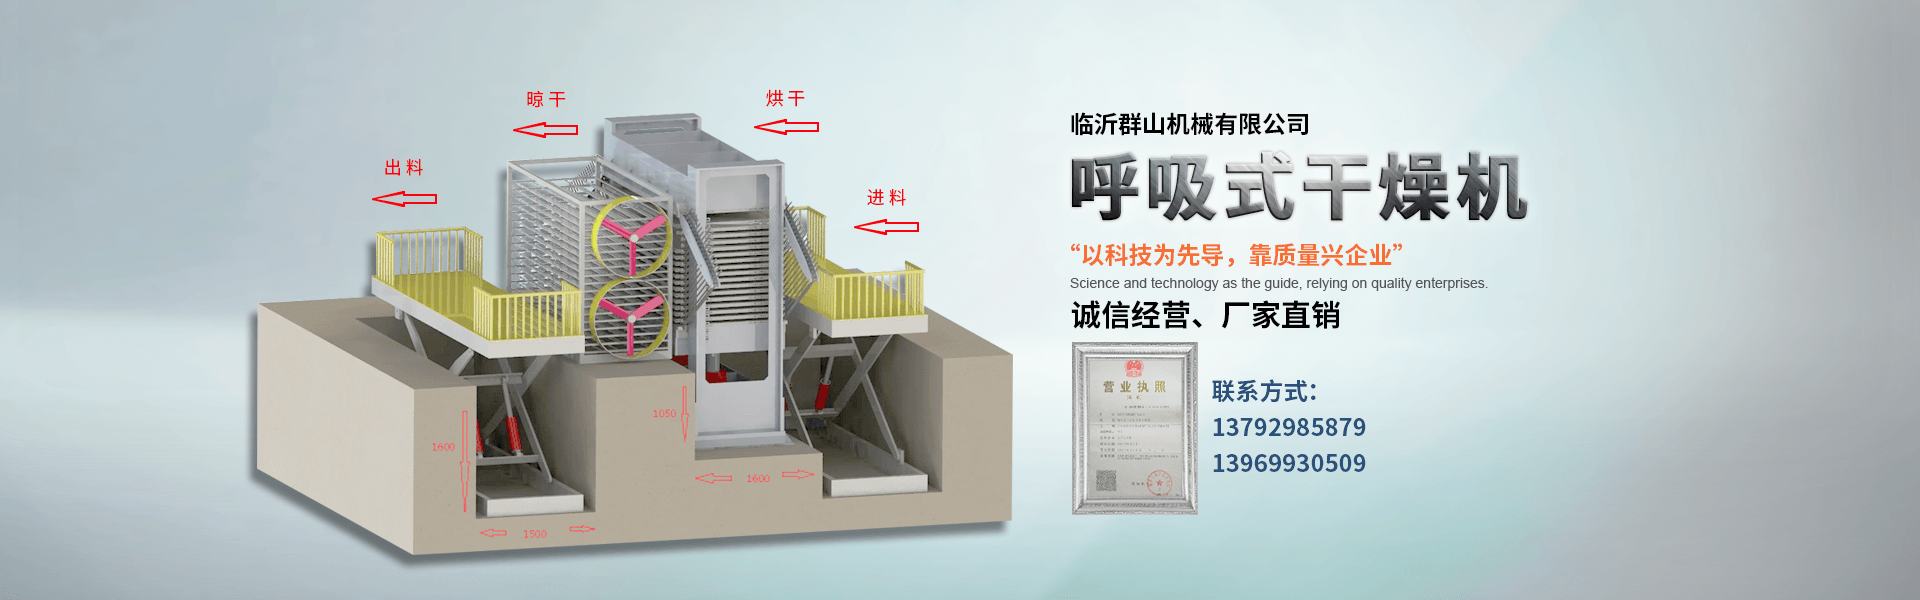 旋切流水線,液壓打圓機,數控旋切機,滾筒式烘干機設備廠家,臨沂群山機械有限公司